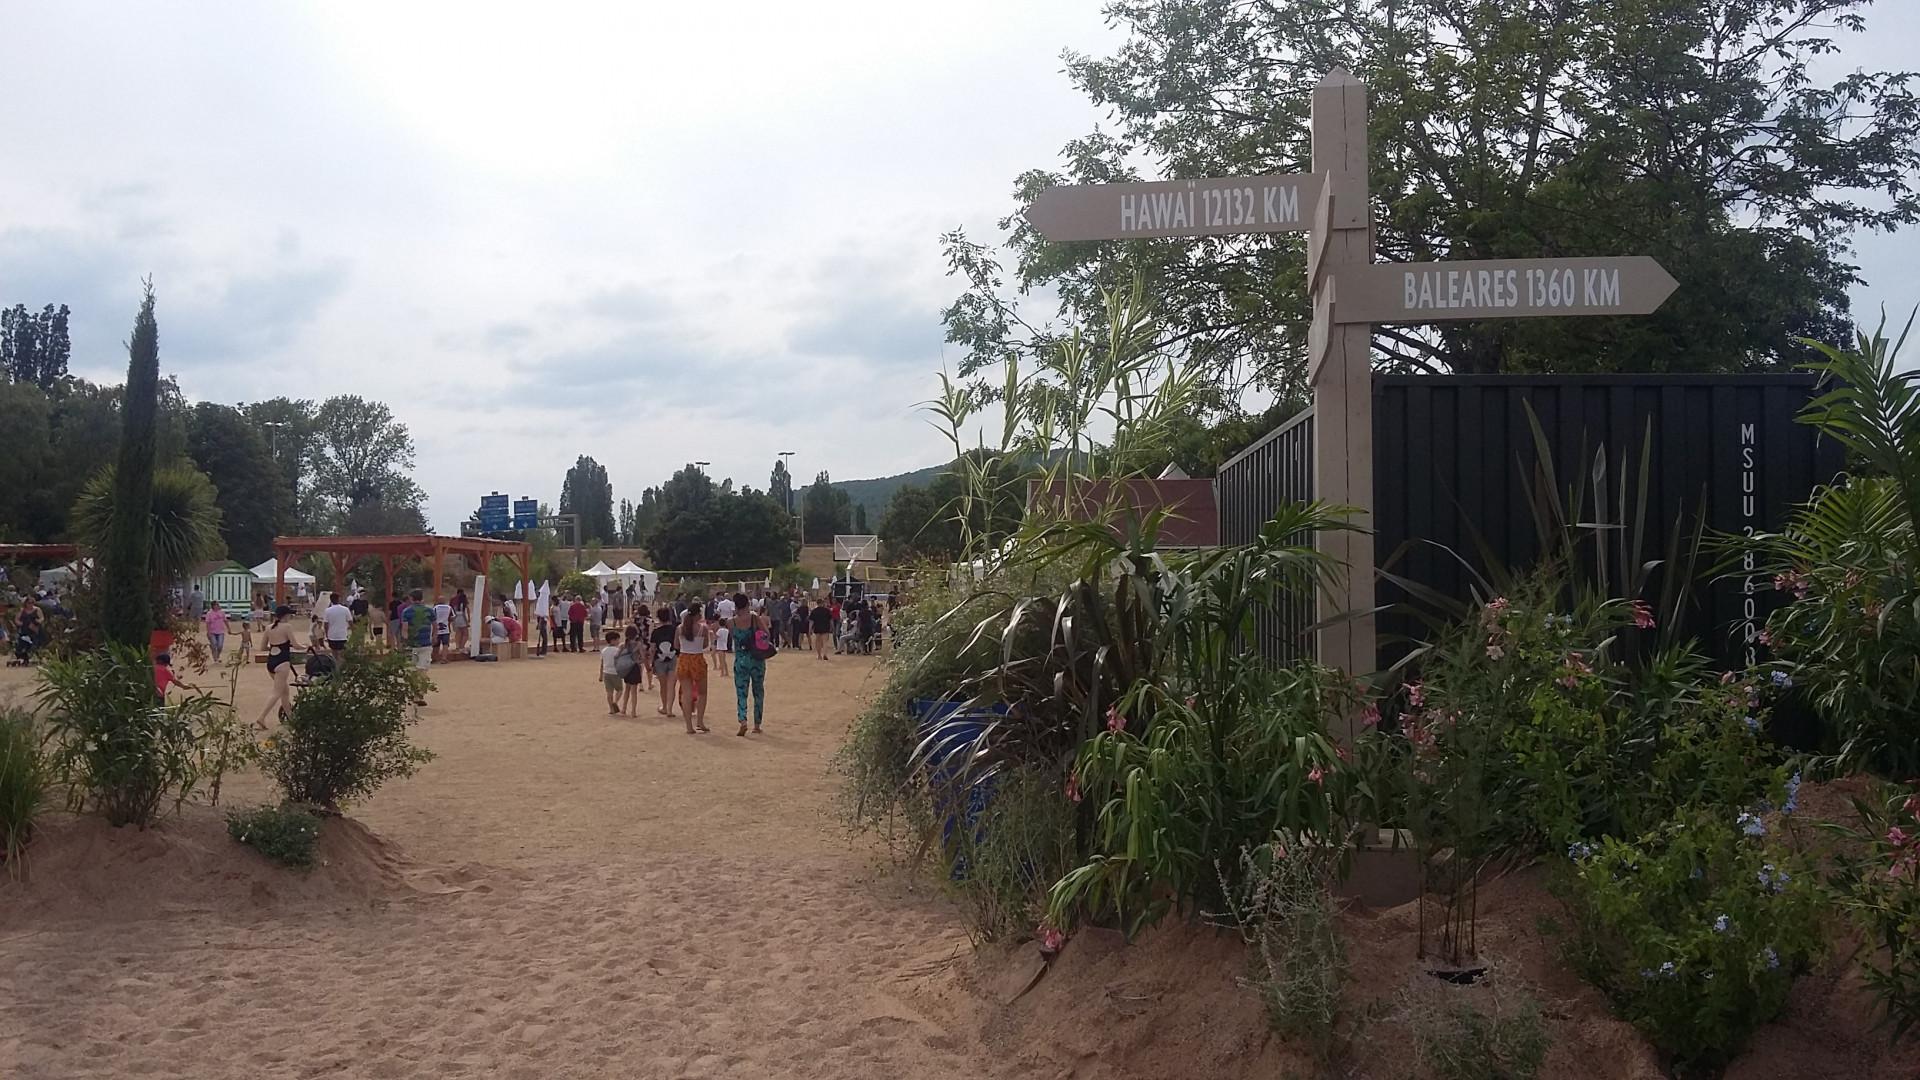 Du sable et de la végétation ont été installés sur le site